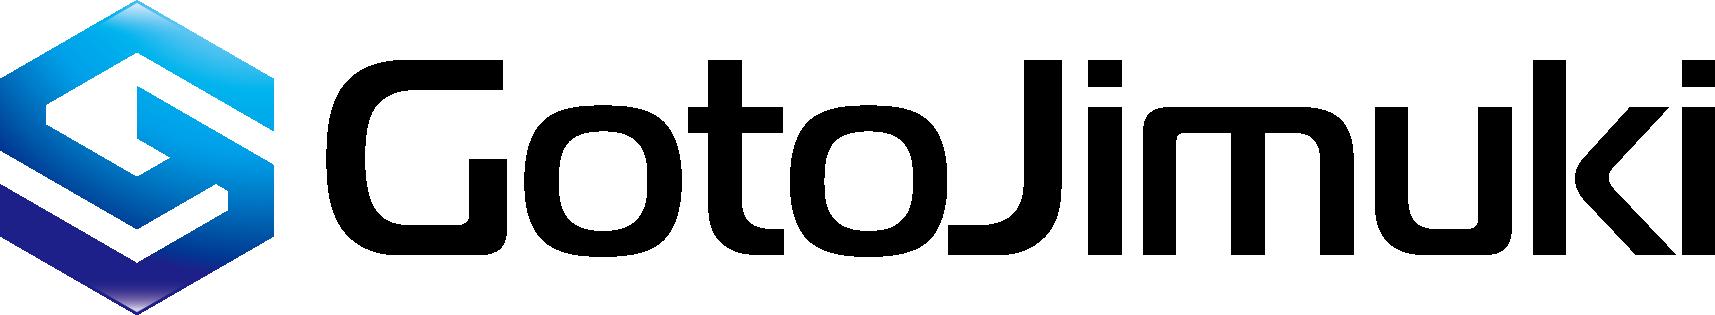 テレワーク支援 企業様向け「ルーター」のレンタルサービス